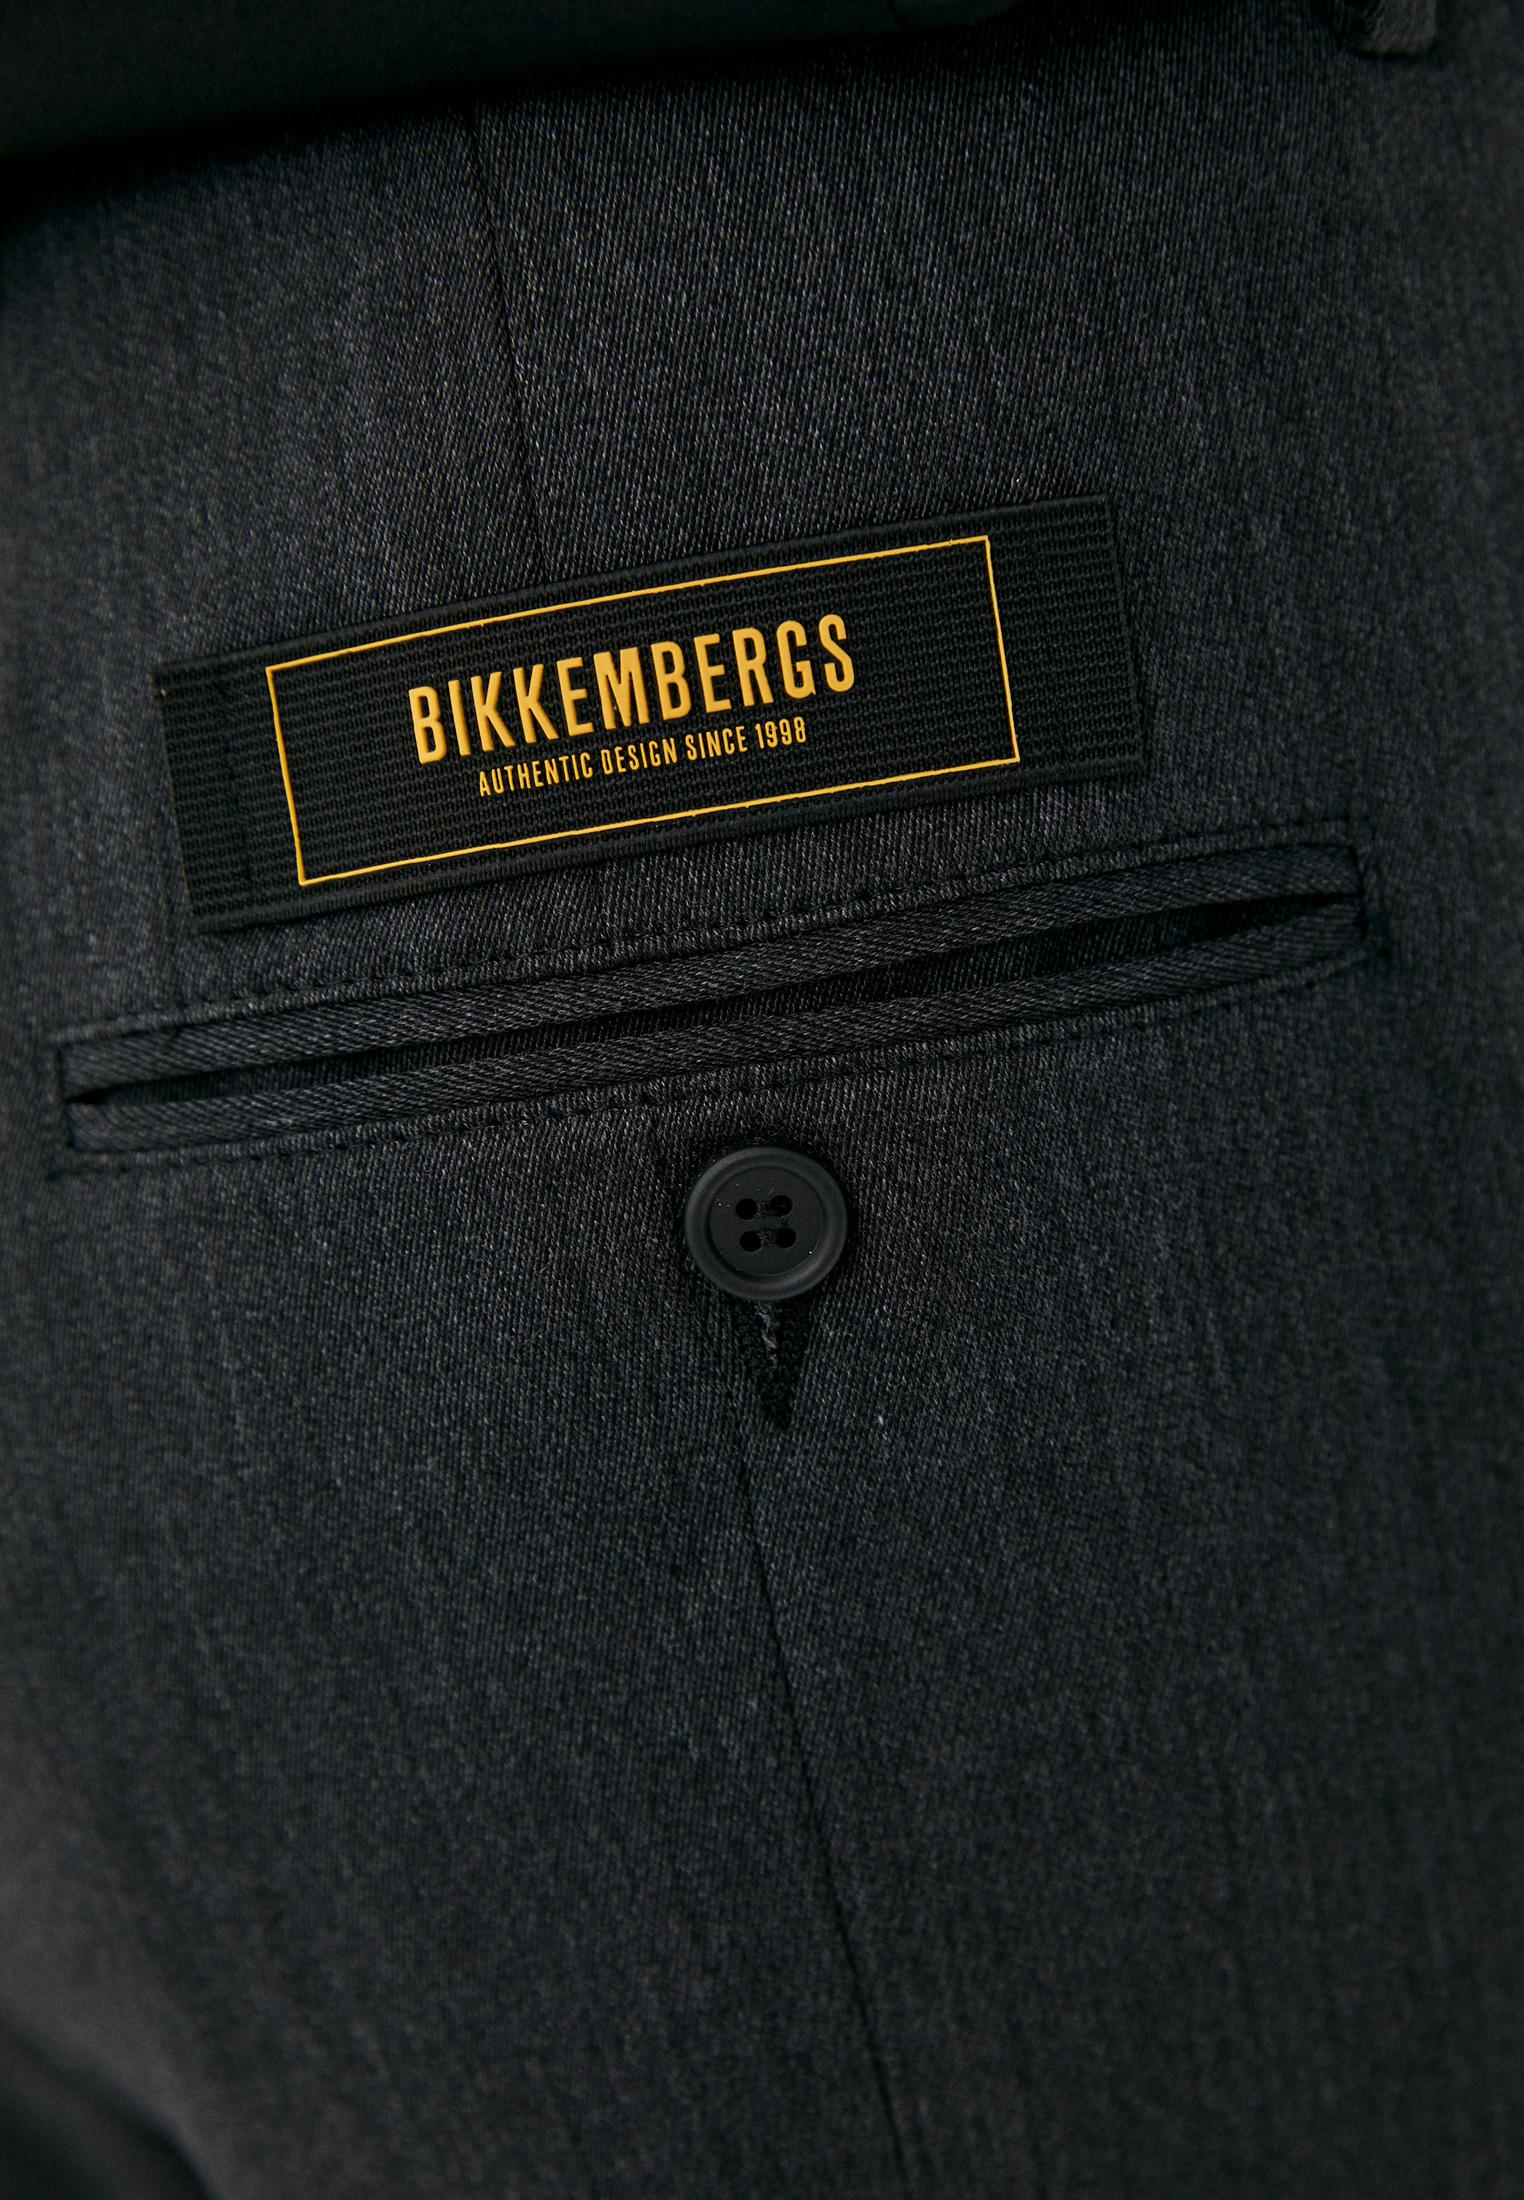 Мужские классические брюки Bikkembergs (Биккембергс) C P 038 00 S 3331: изображение 5